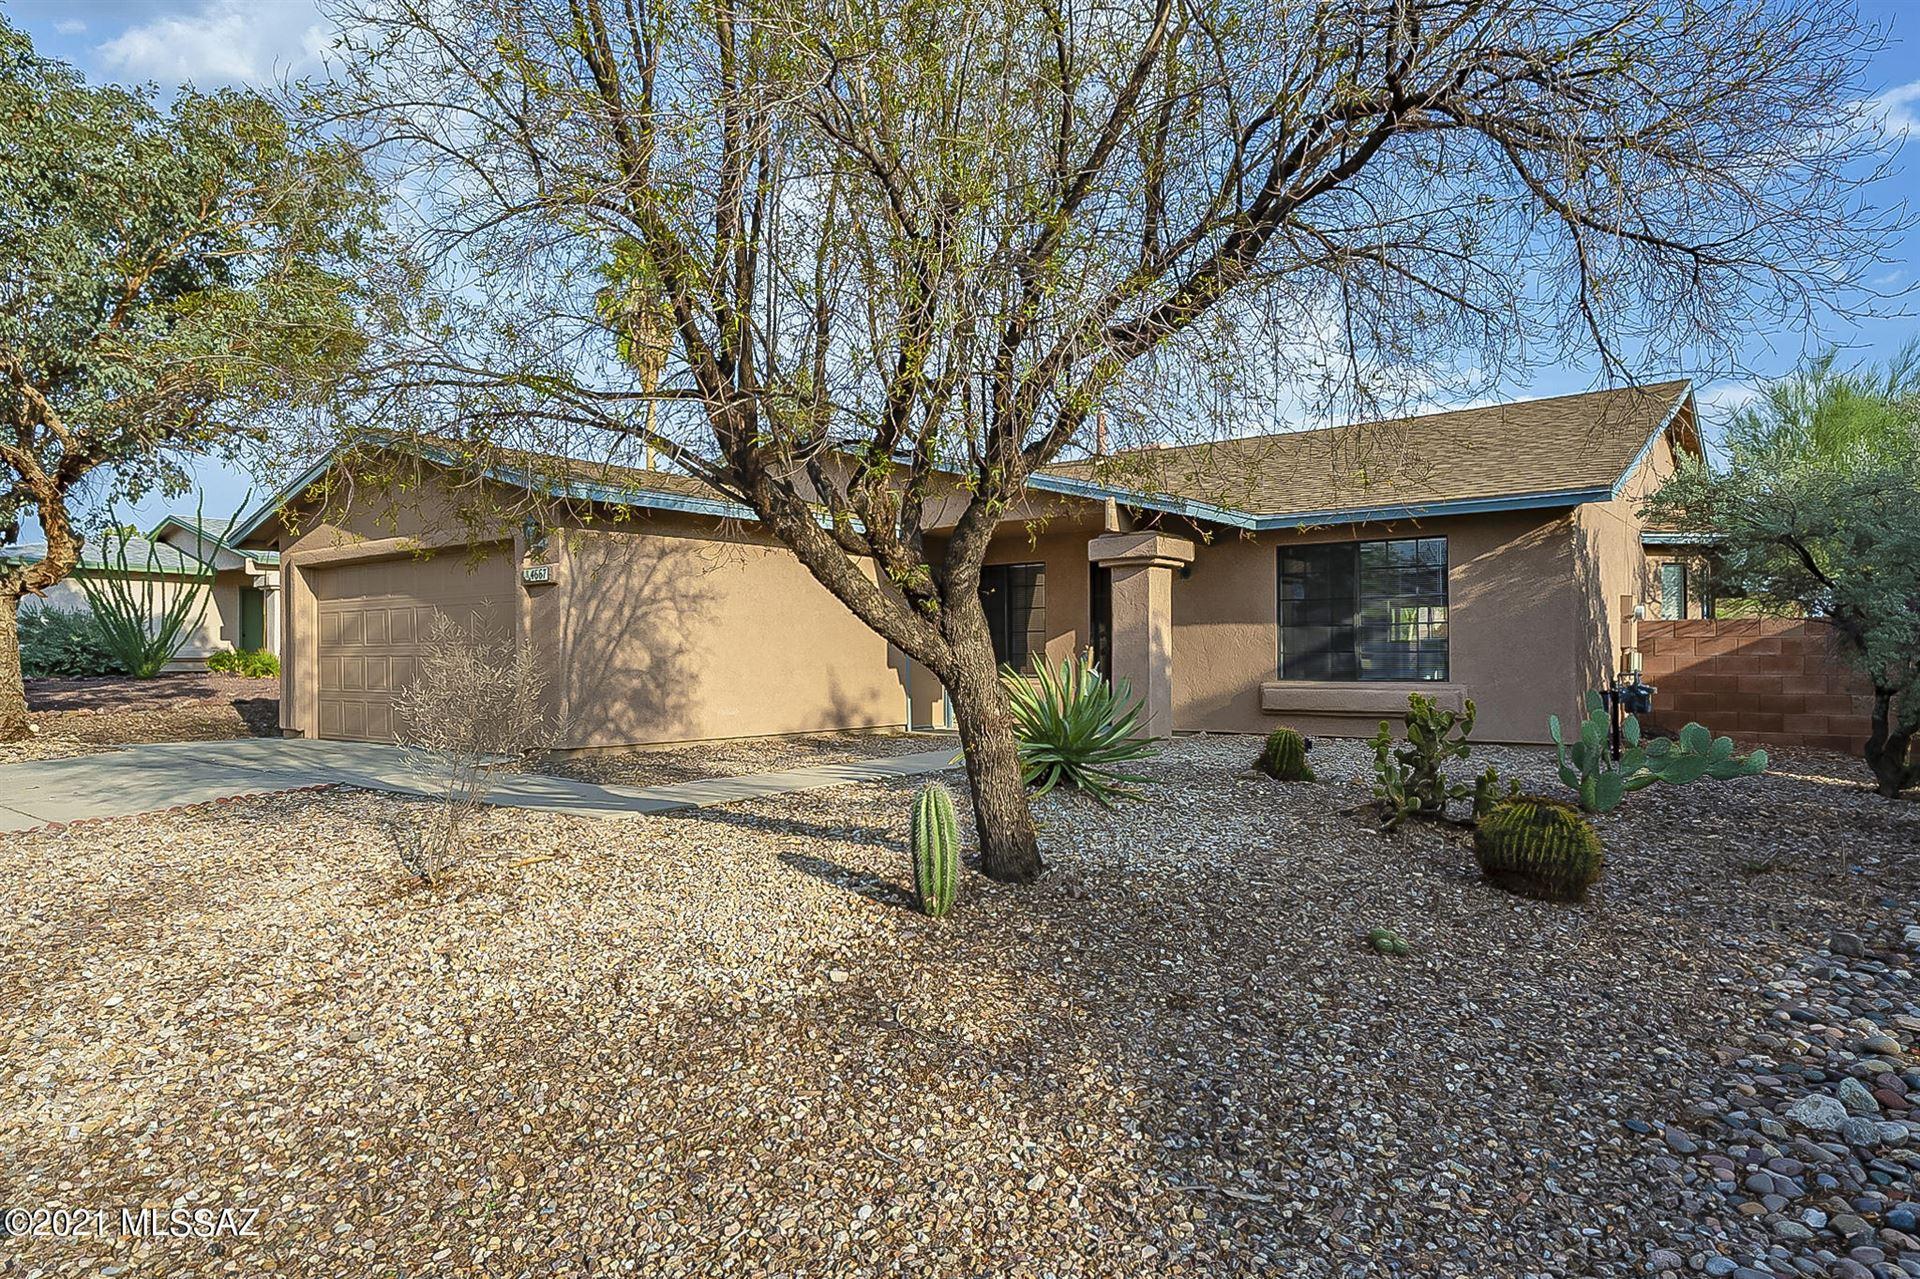 4667 W Bayberry Street, Tucson, AZ 85742 - MLS#: 22118789